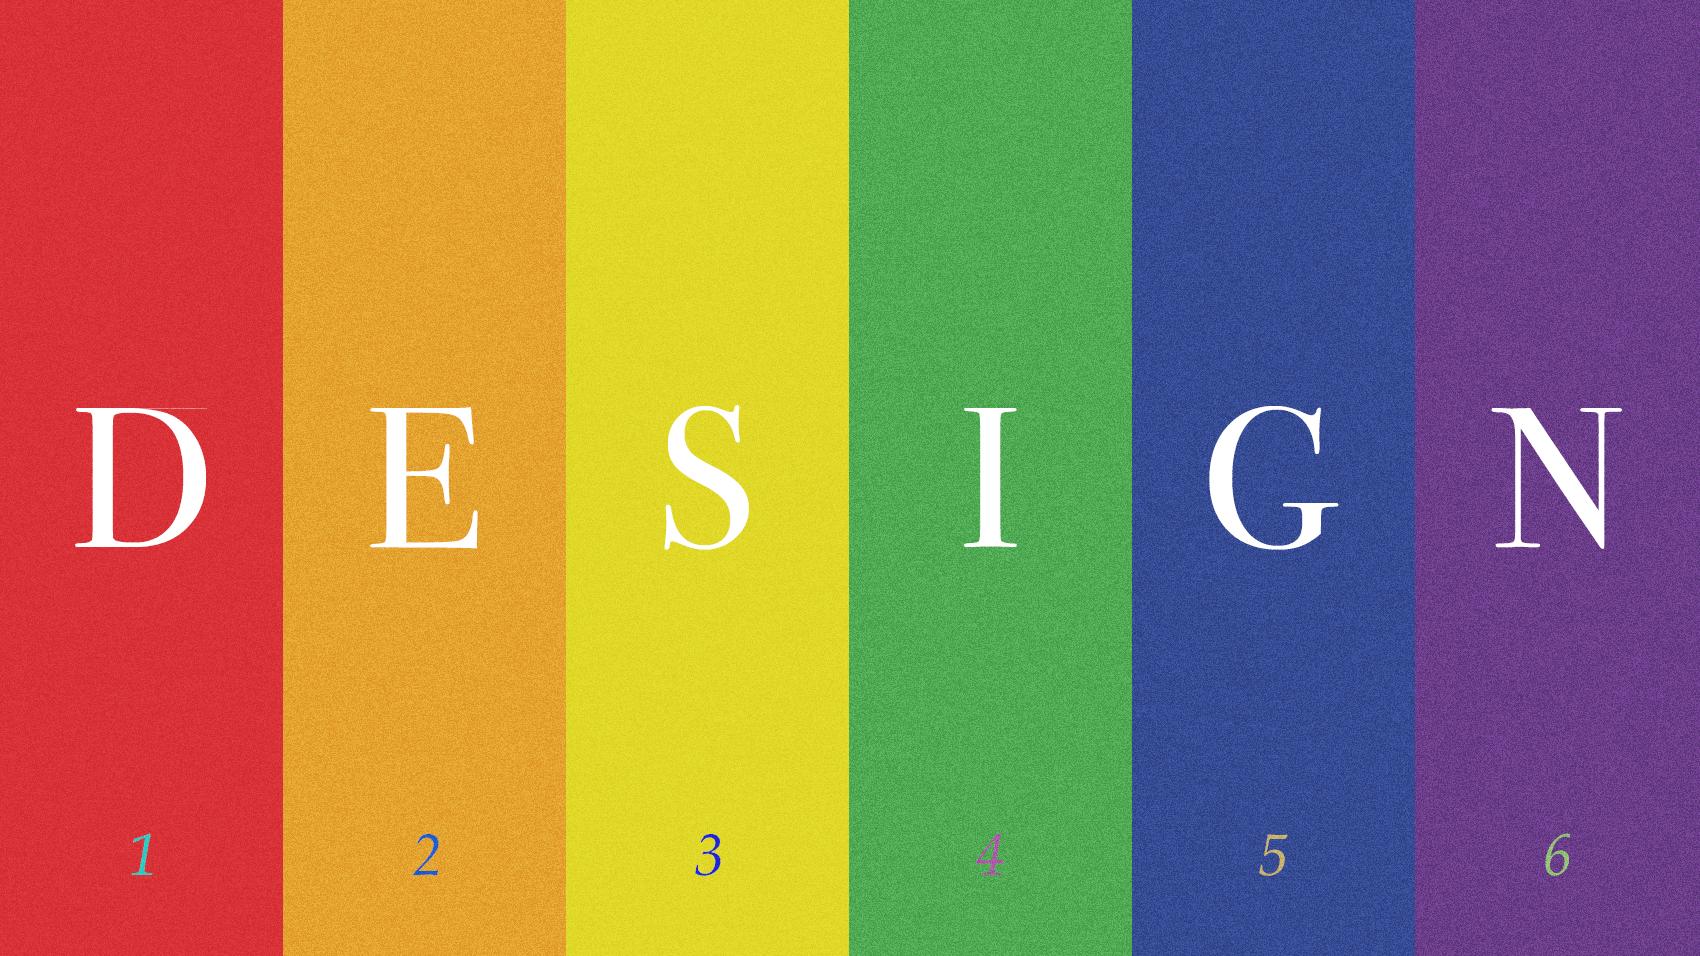 新しく事業やサービスを立ち上げるときに必要な制作物をデザインする順番